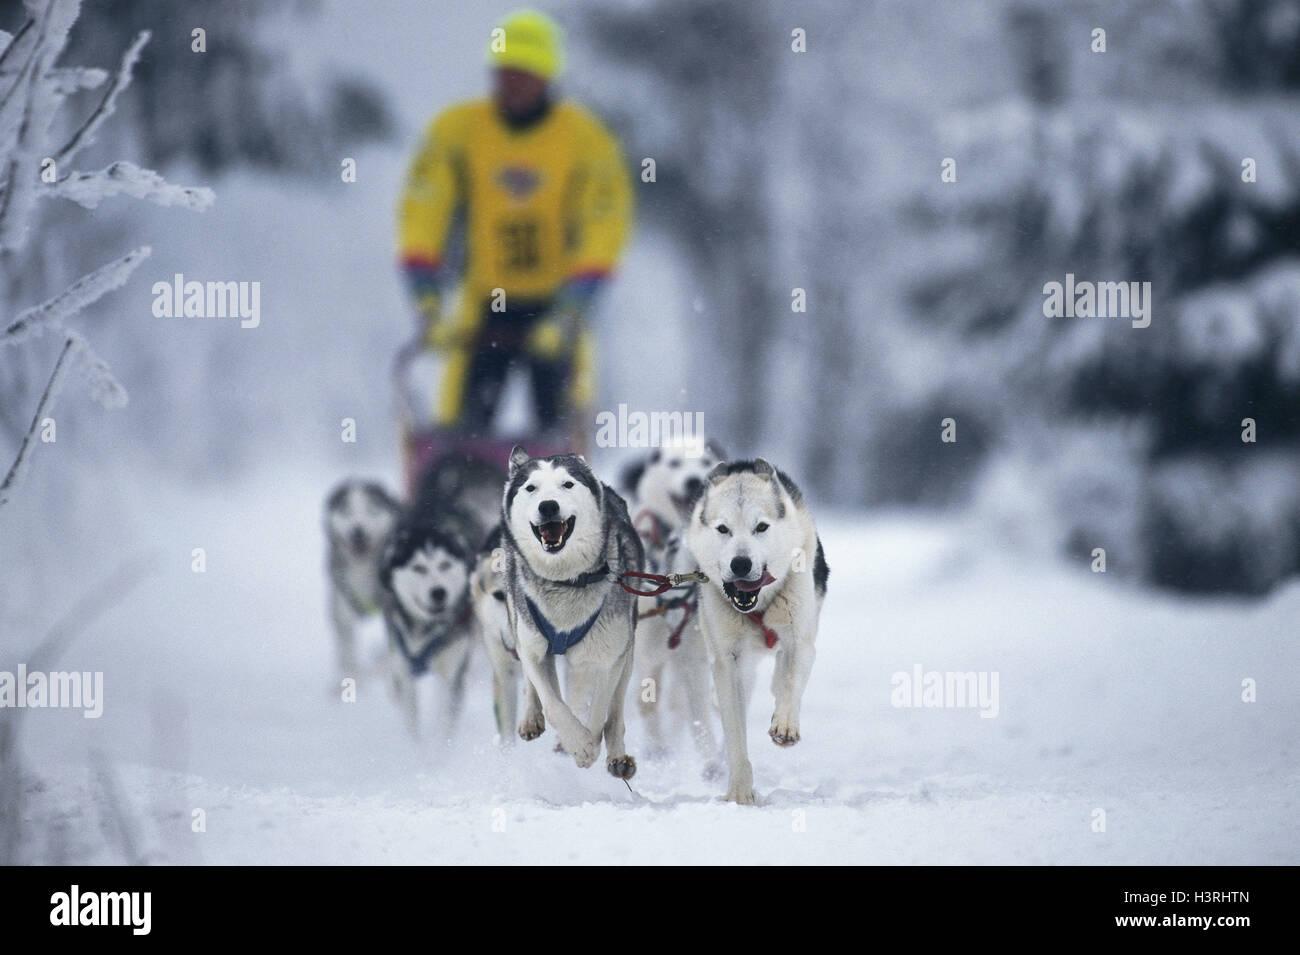 Dog slide races, dog motorcycle combination, Siberian huskies - Stock Image